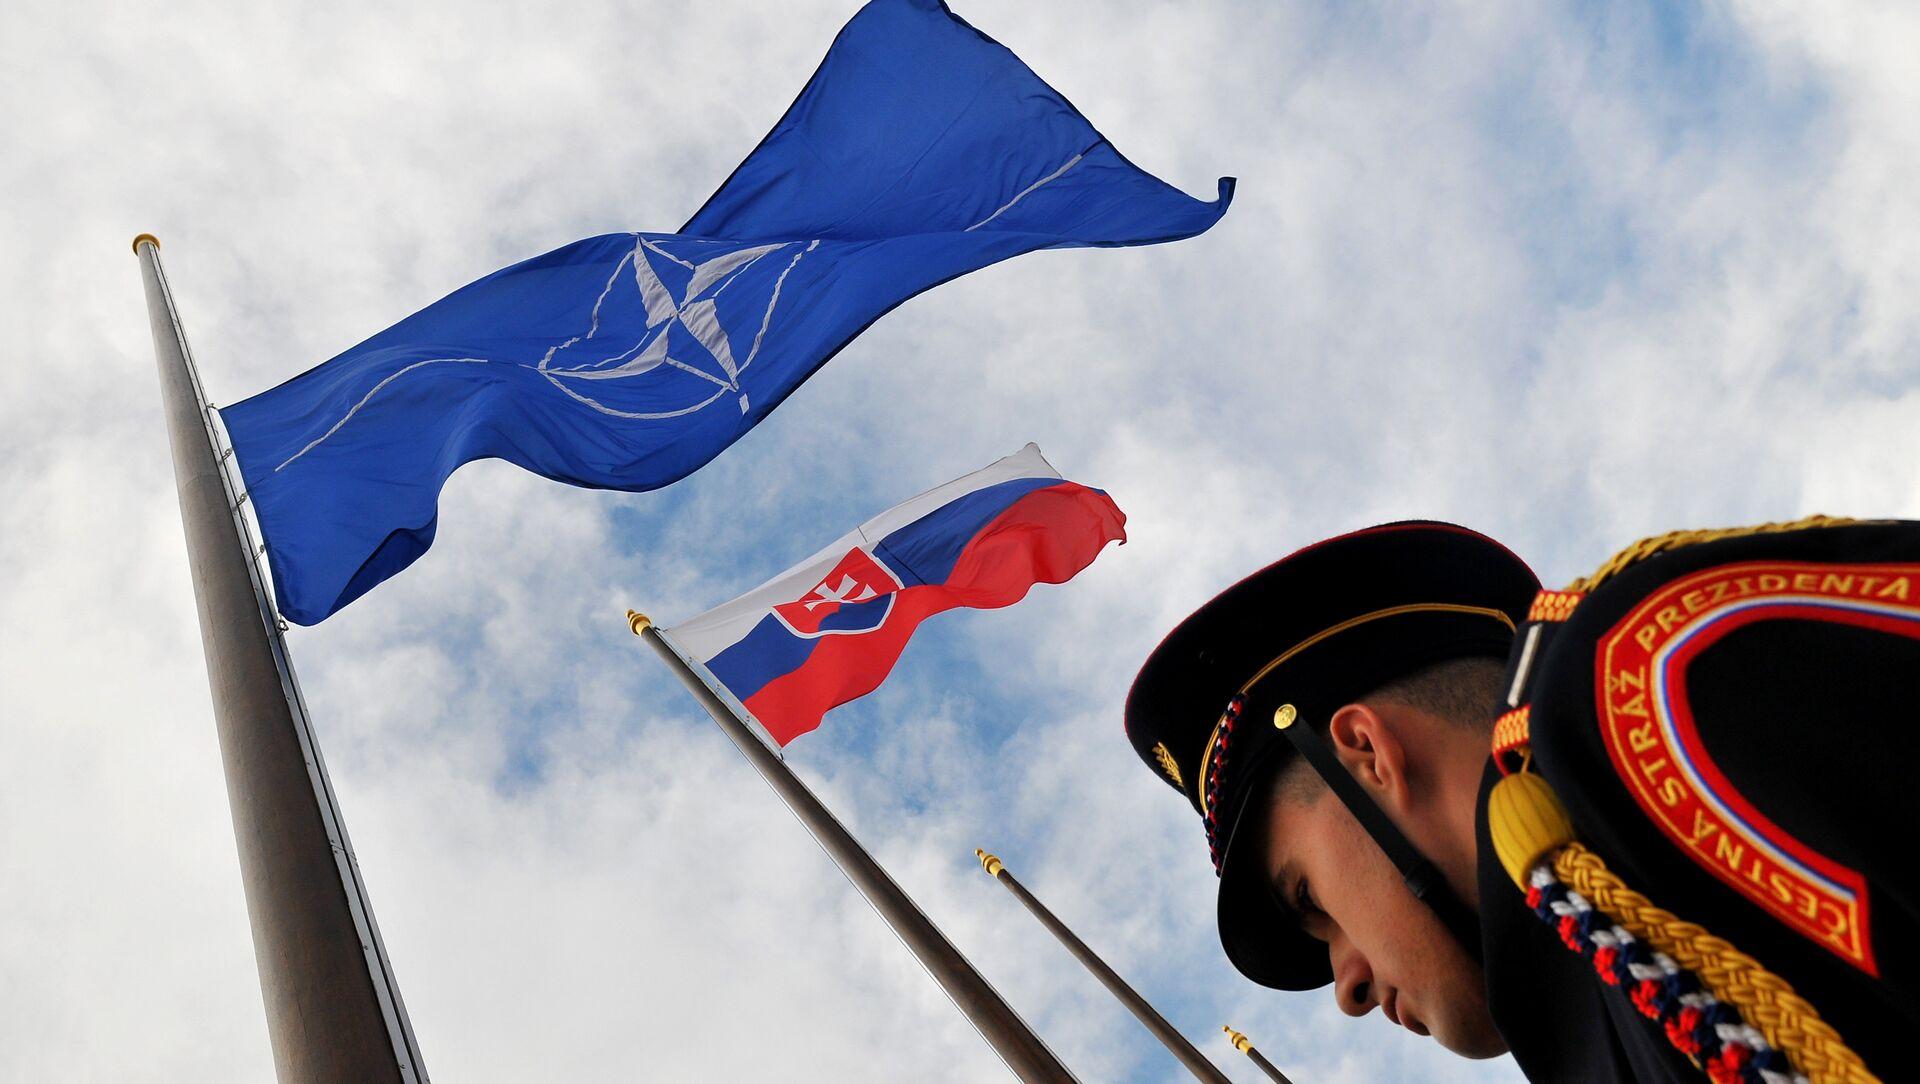 Vlajky NATO a Slovenska  - Sputnik Česká republika, 1920, 21.12.2020